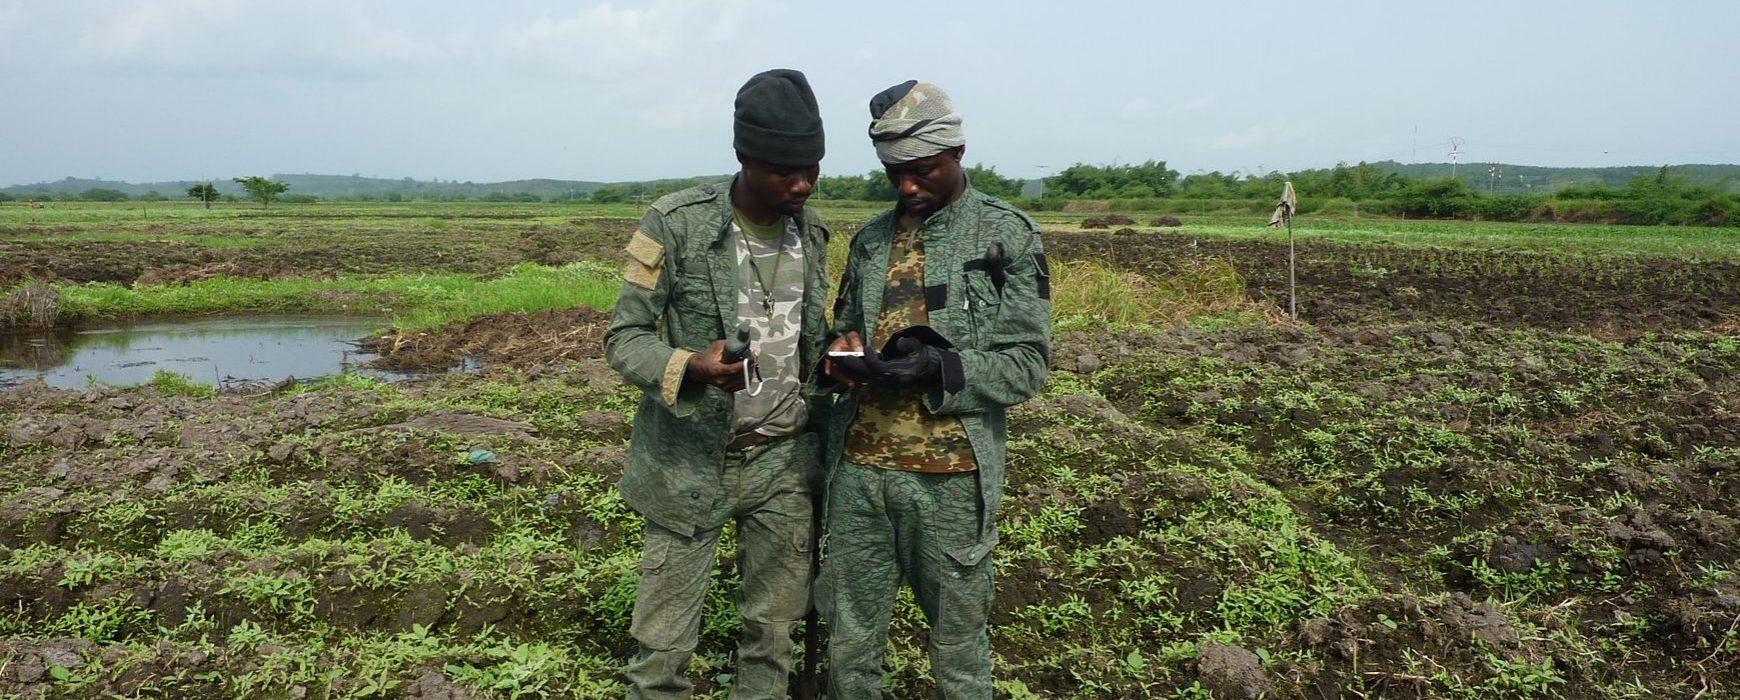 Coup d'envoi de l'inventaire forestier et faunique de la Côte d'Ivoire